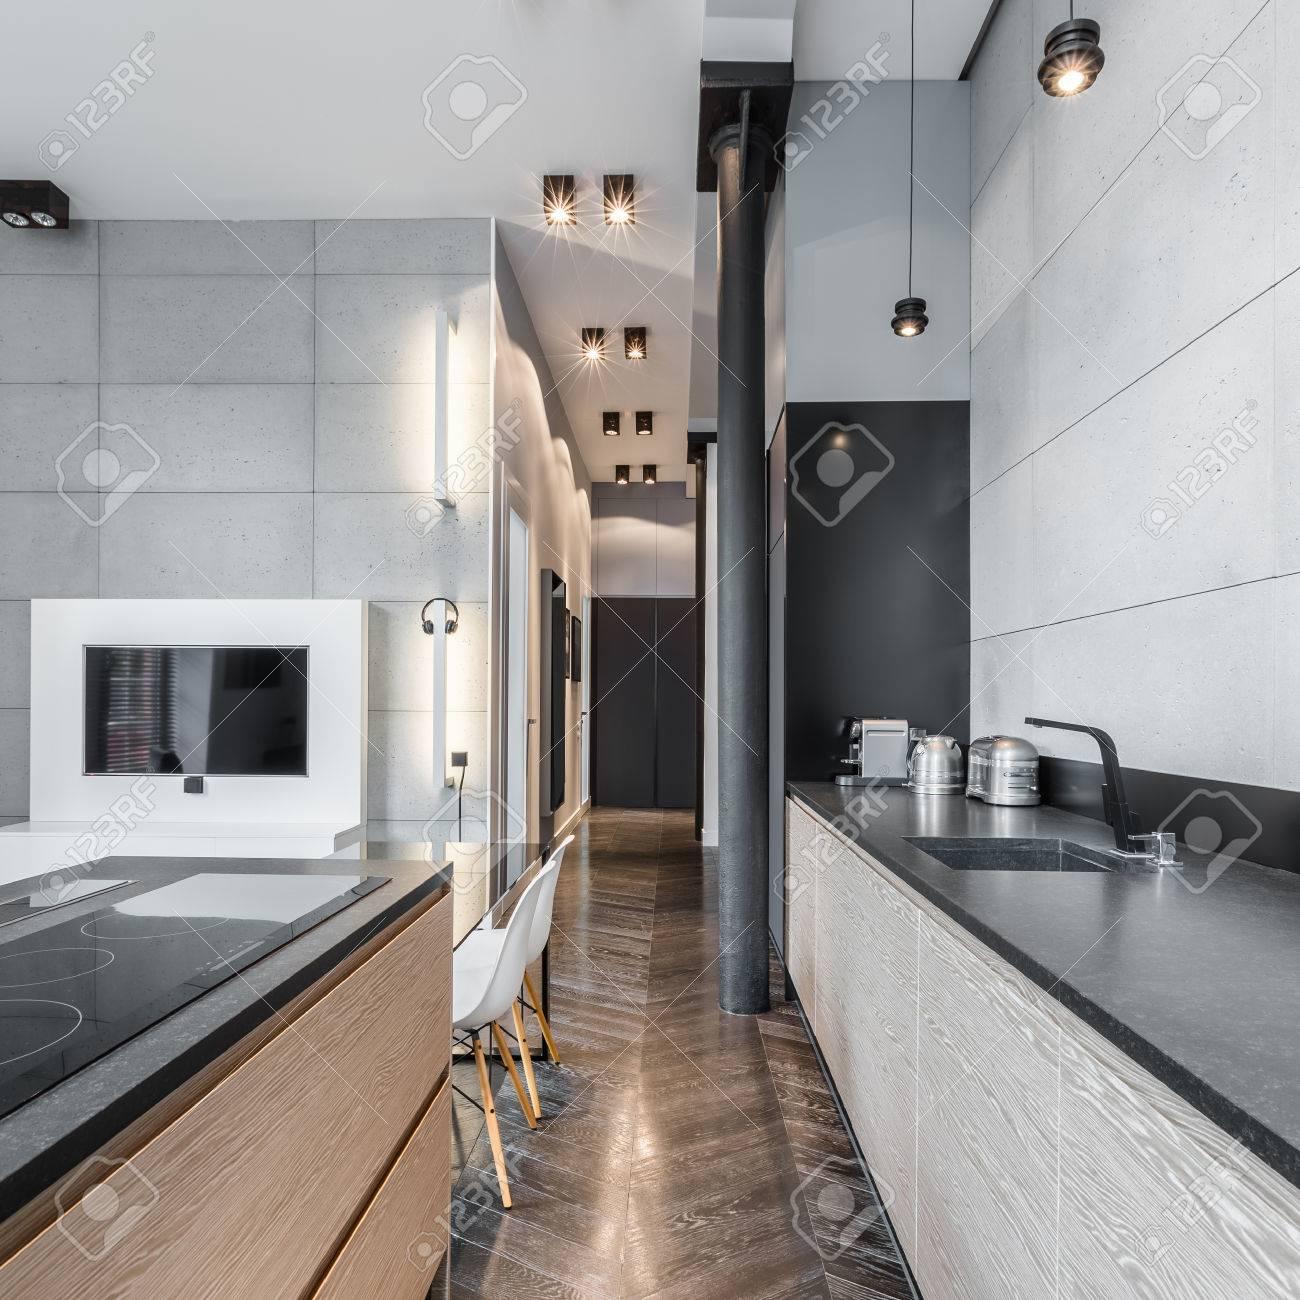 Full Size of Küchen Funktionelle Kche Mit Schwarzer Arbeitsplatte Und Led Wohnzimmer Bad Schlafzimmer Küche Wohnzimmer Küchen Deckenleuchte